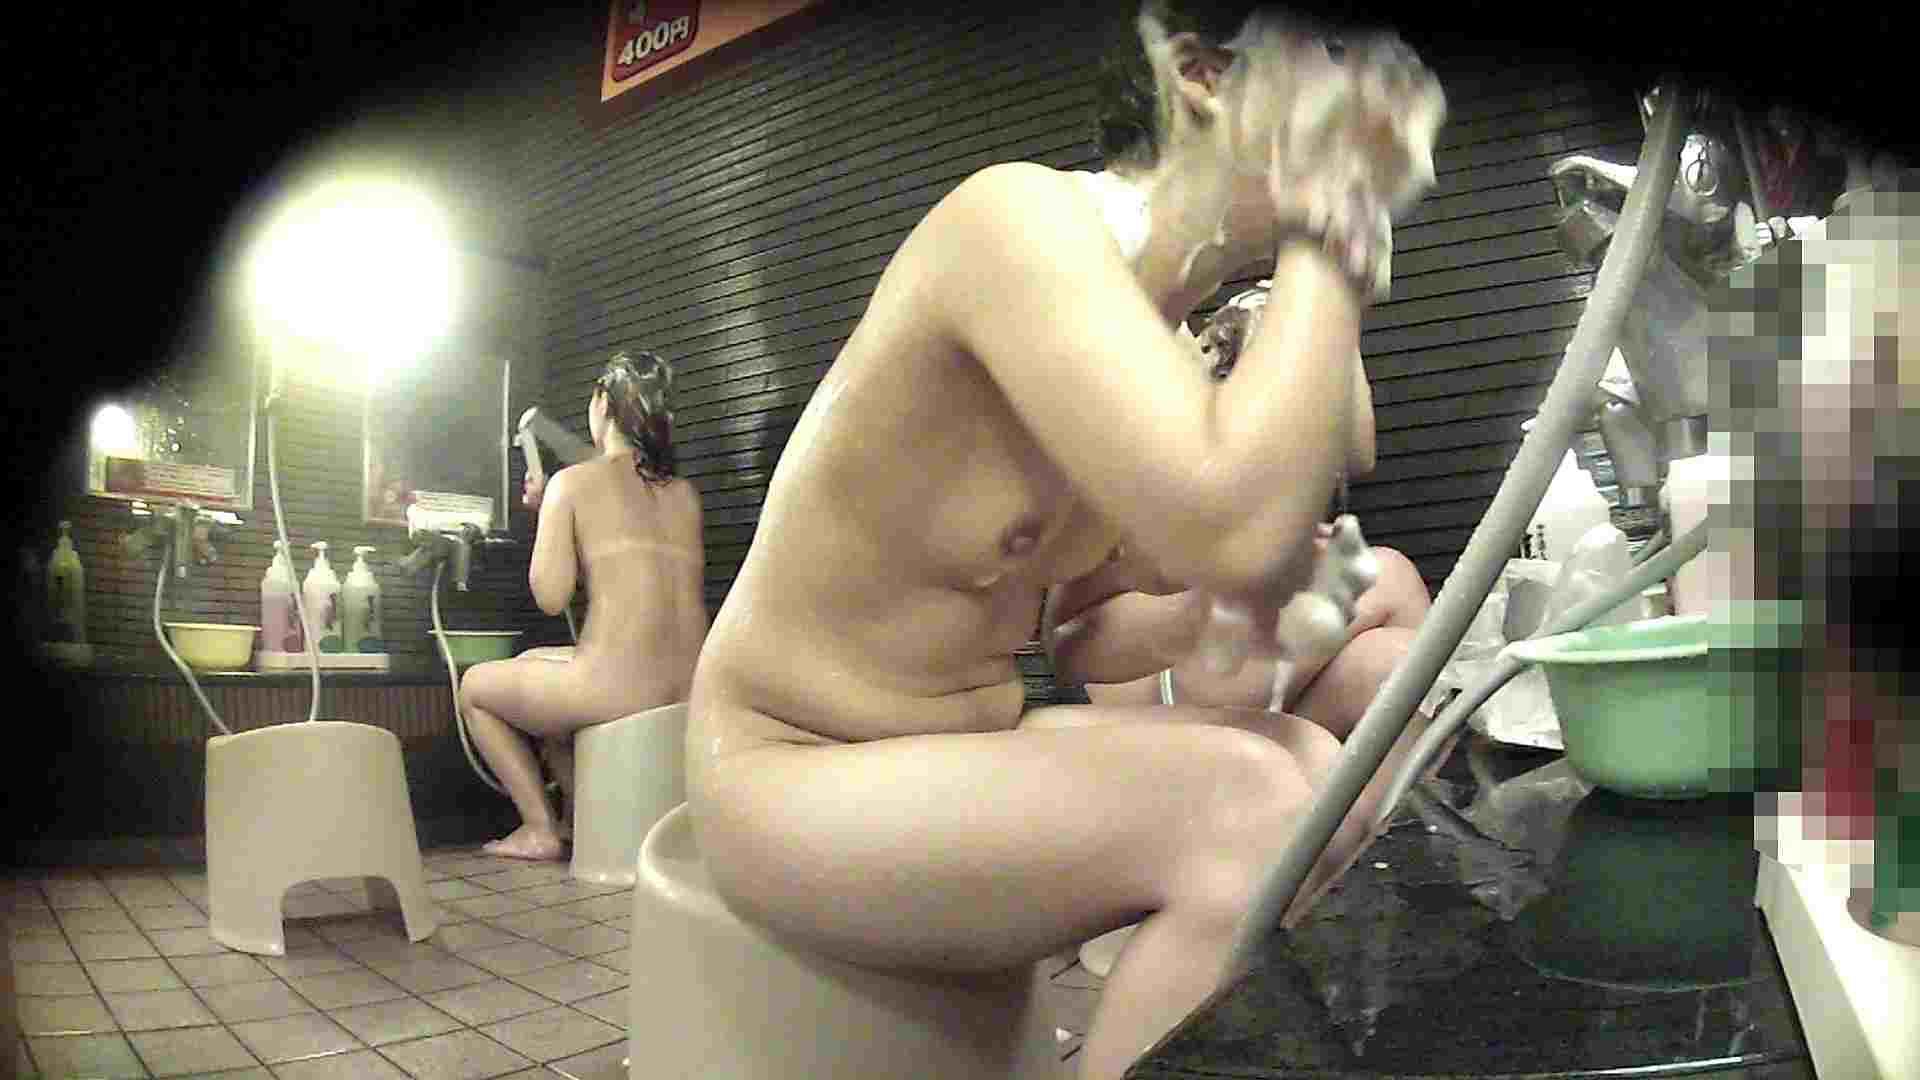 洗い場!何もかもがイマイチと言える2人組 女湯 AV動画キャプチャ 87画像 33